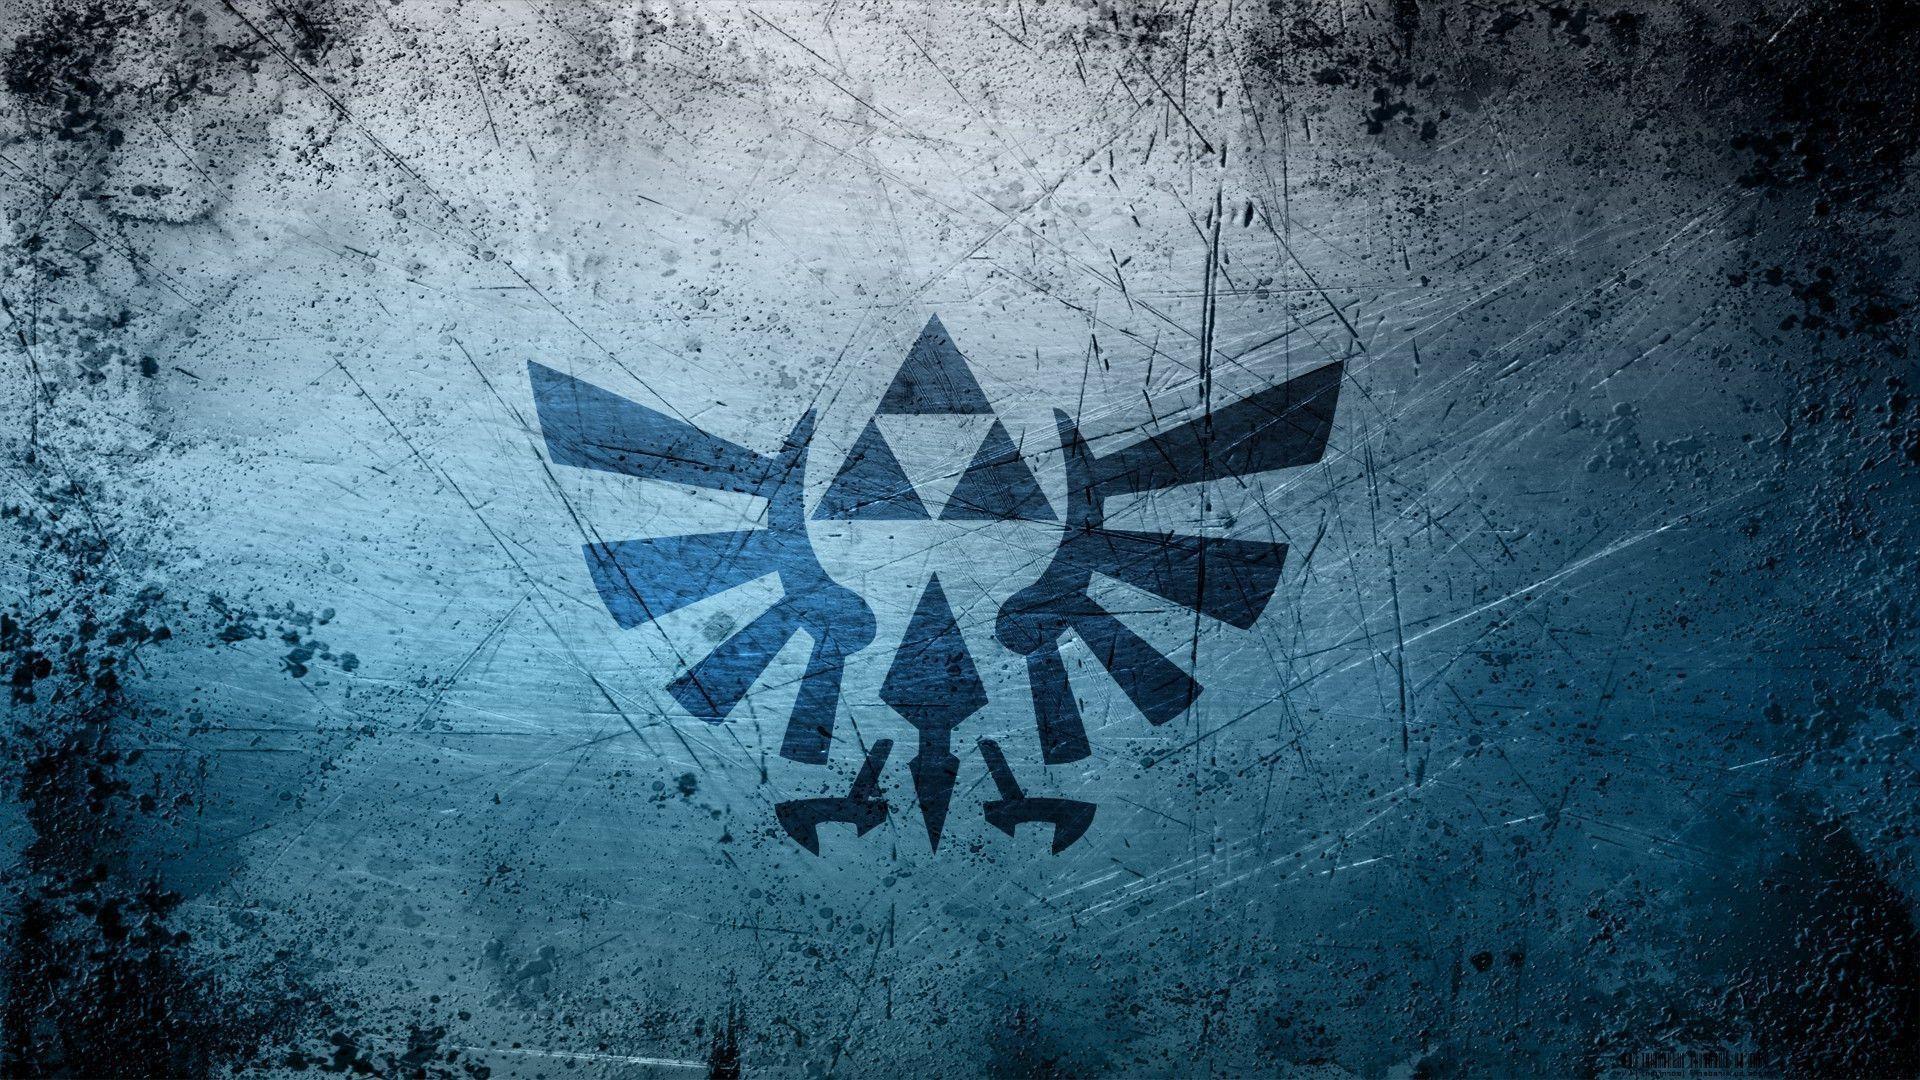 Zelda Desktop Wallpaper ·① WallpaperTag